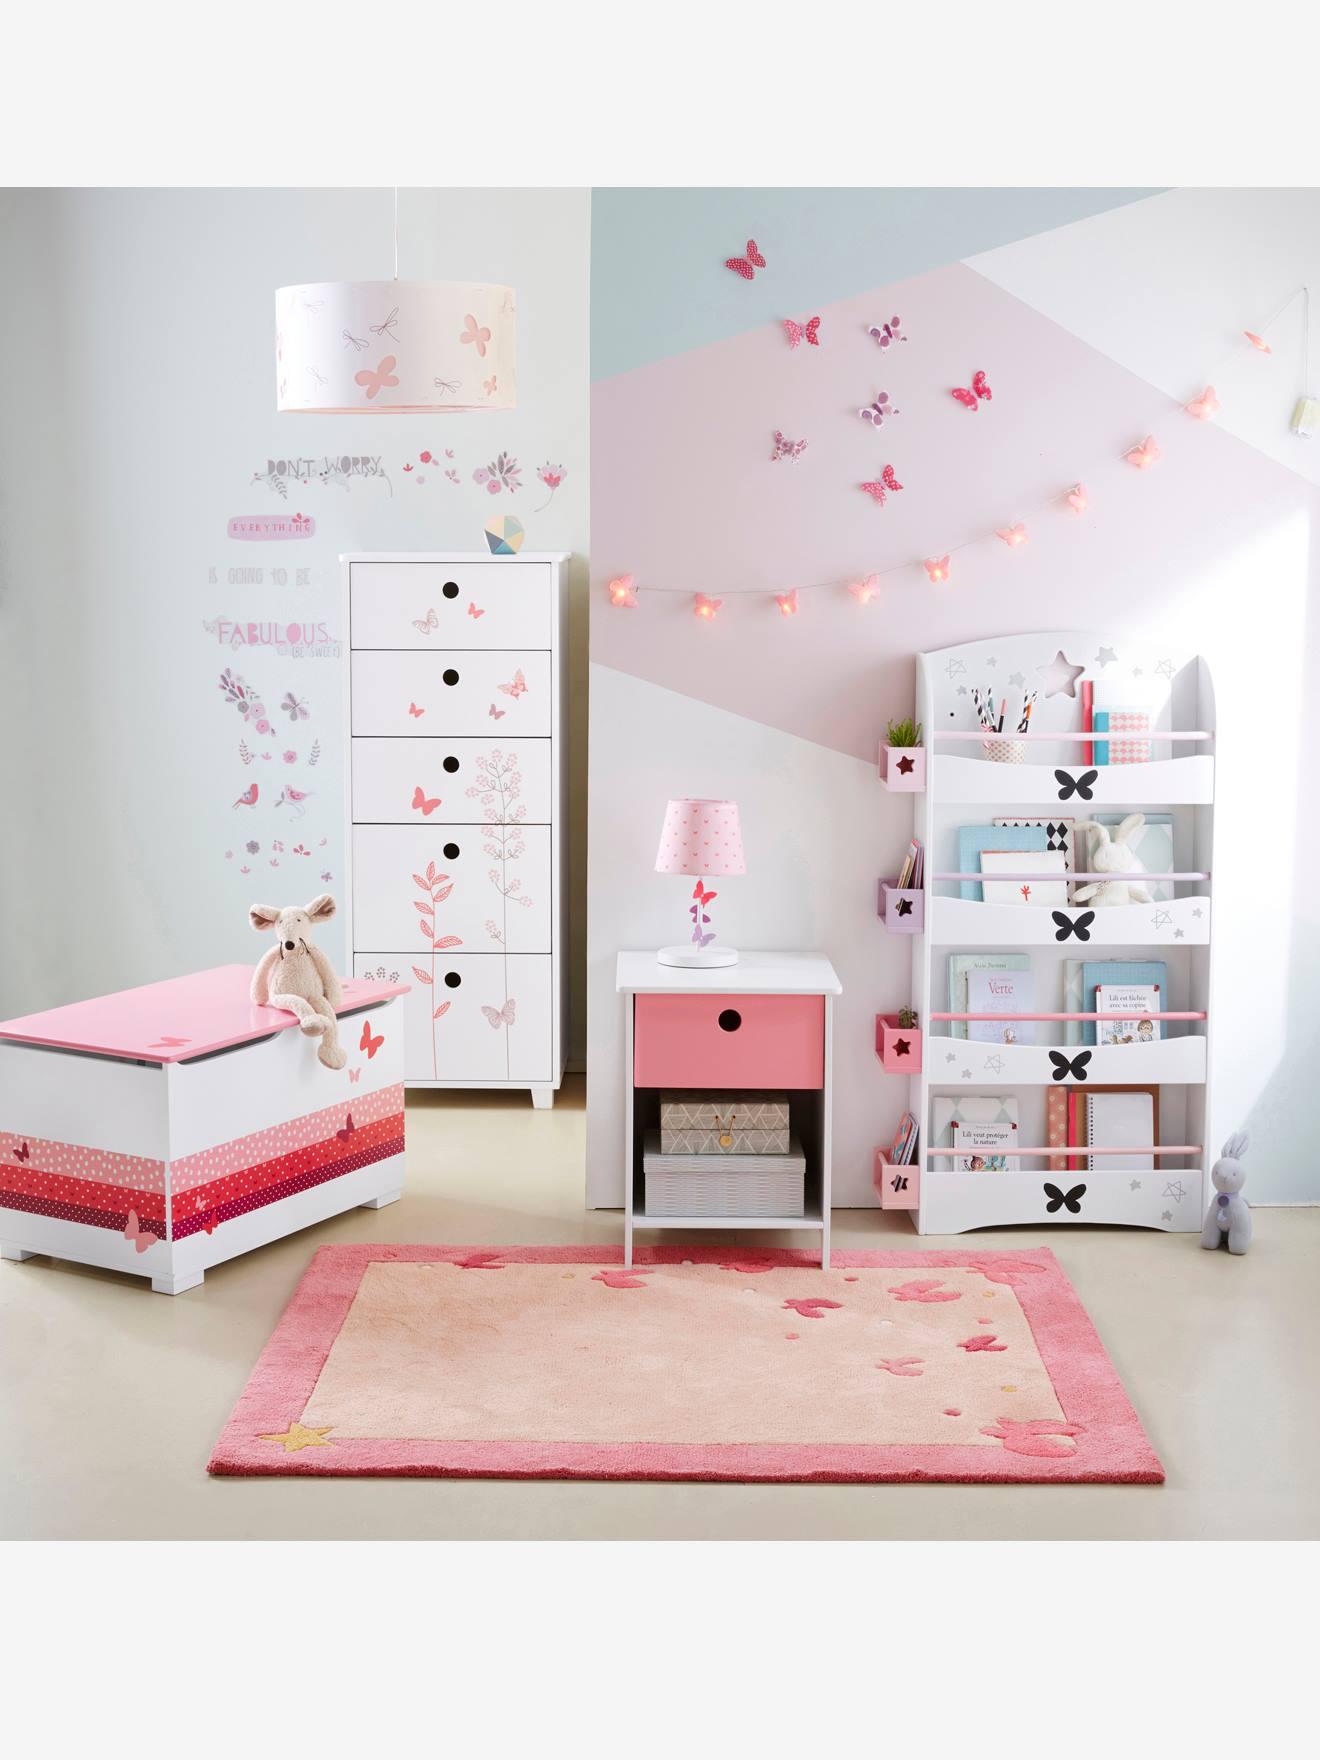 Merveilleux Lot De 14 Décors Papillons Chambre Fille Multicolore